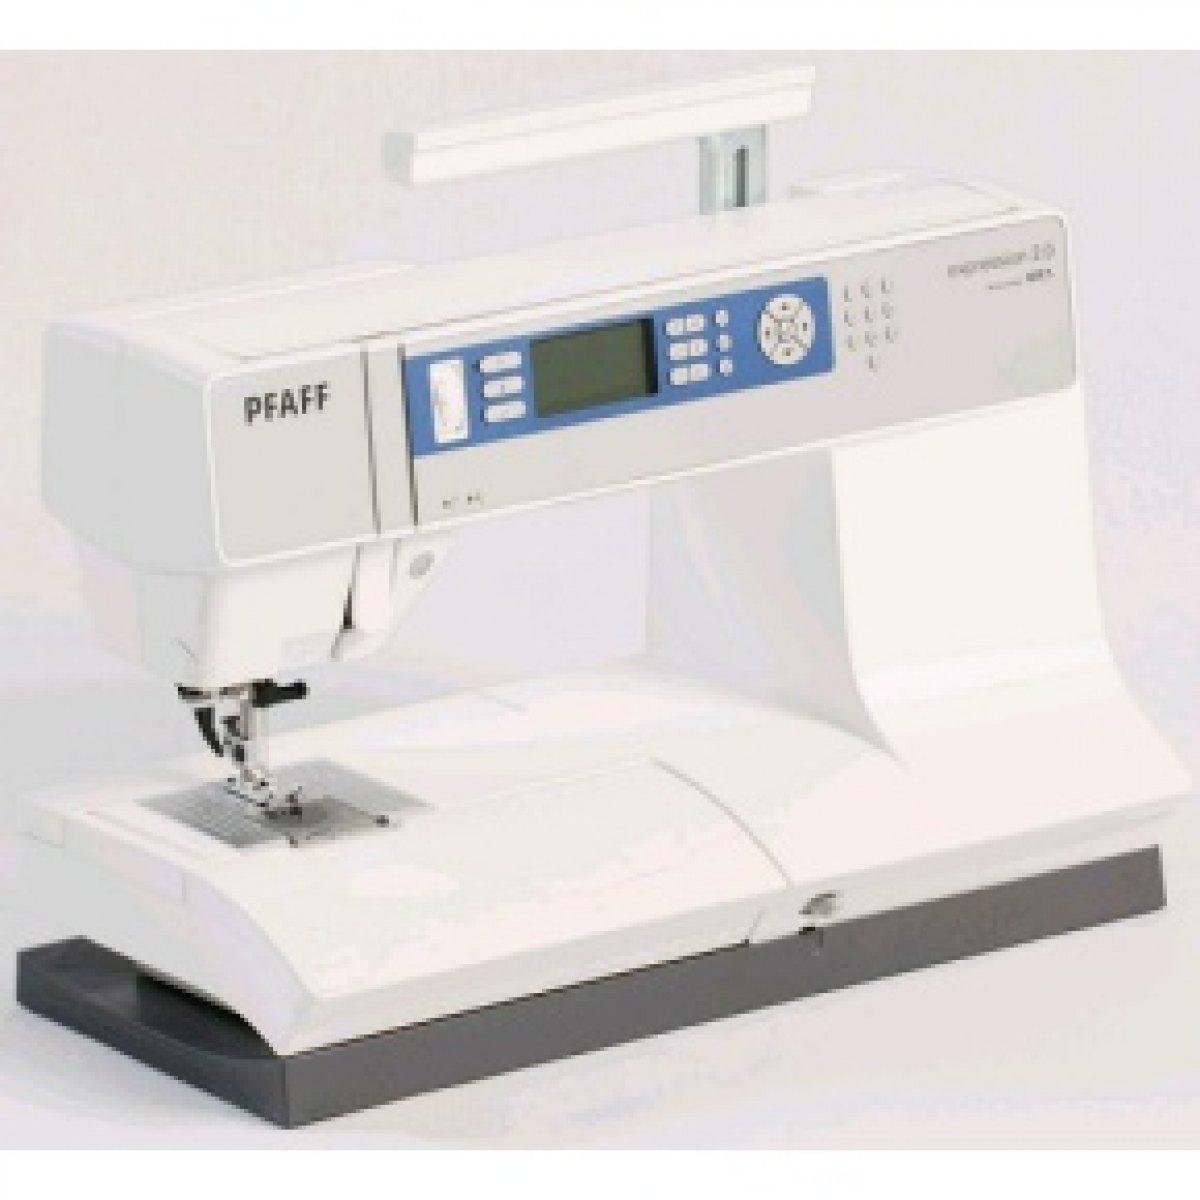 pfaff macchina per cucire pfaff expression 2 0 del